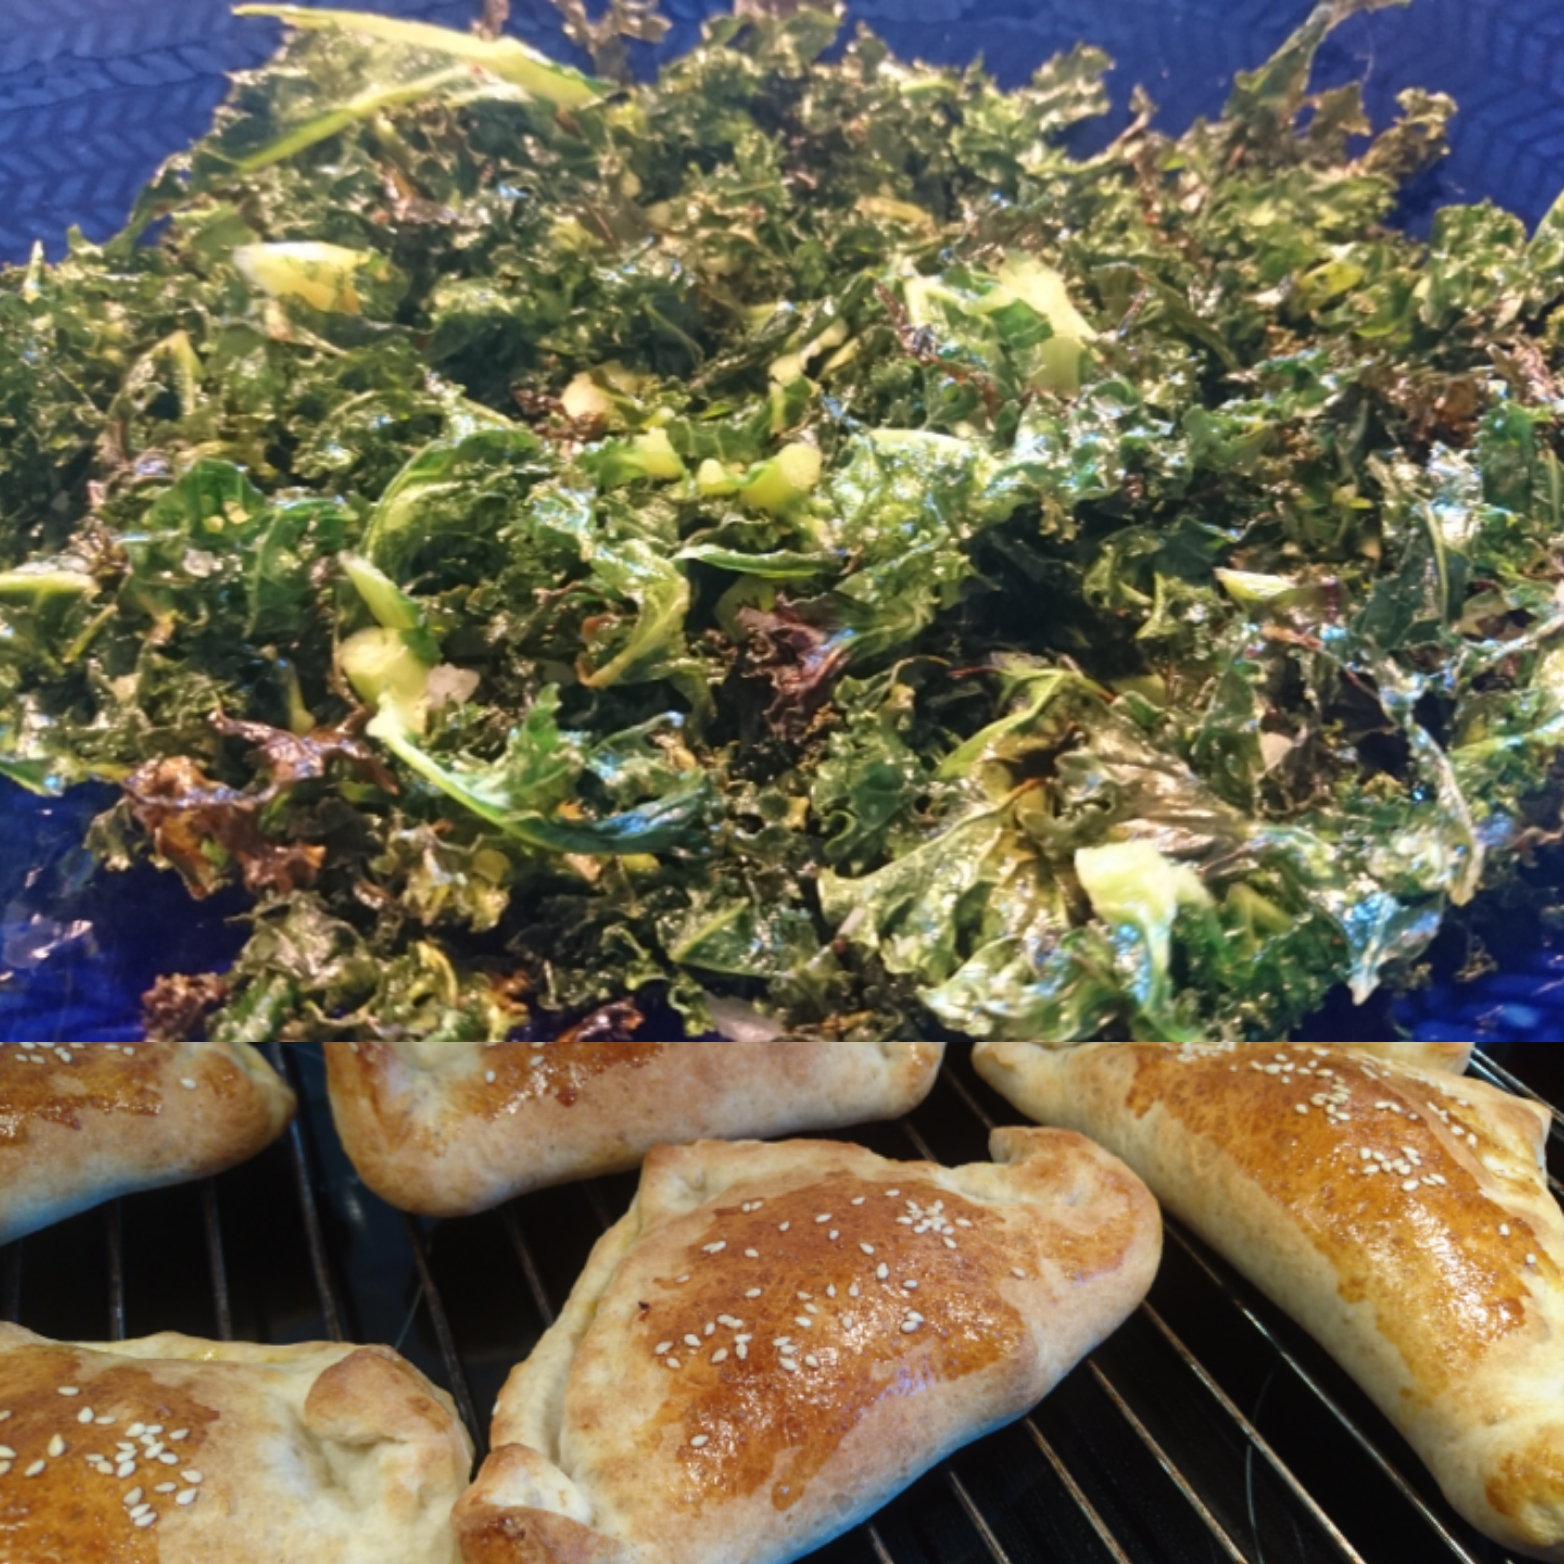 Piroger med kryddstark färs och grönkålschips